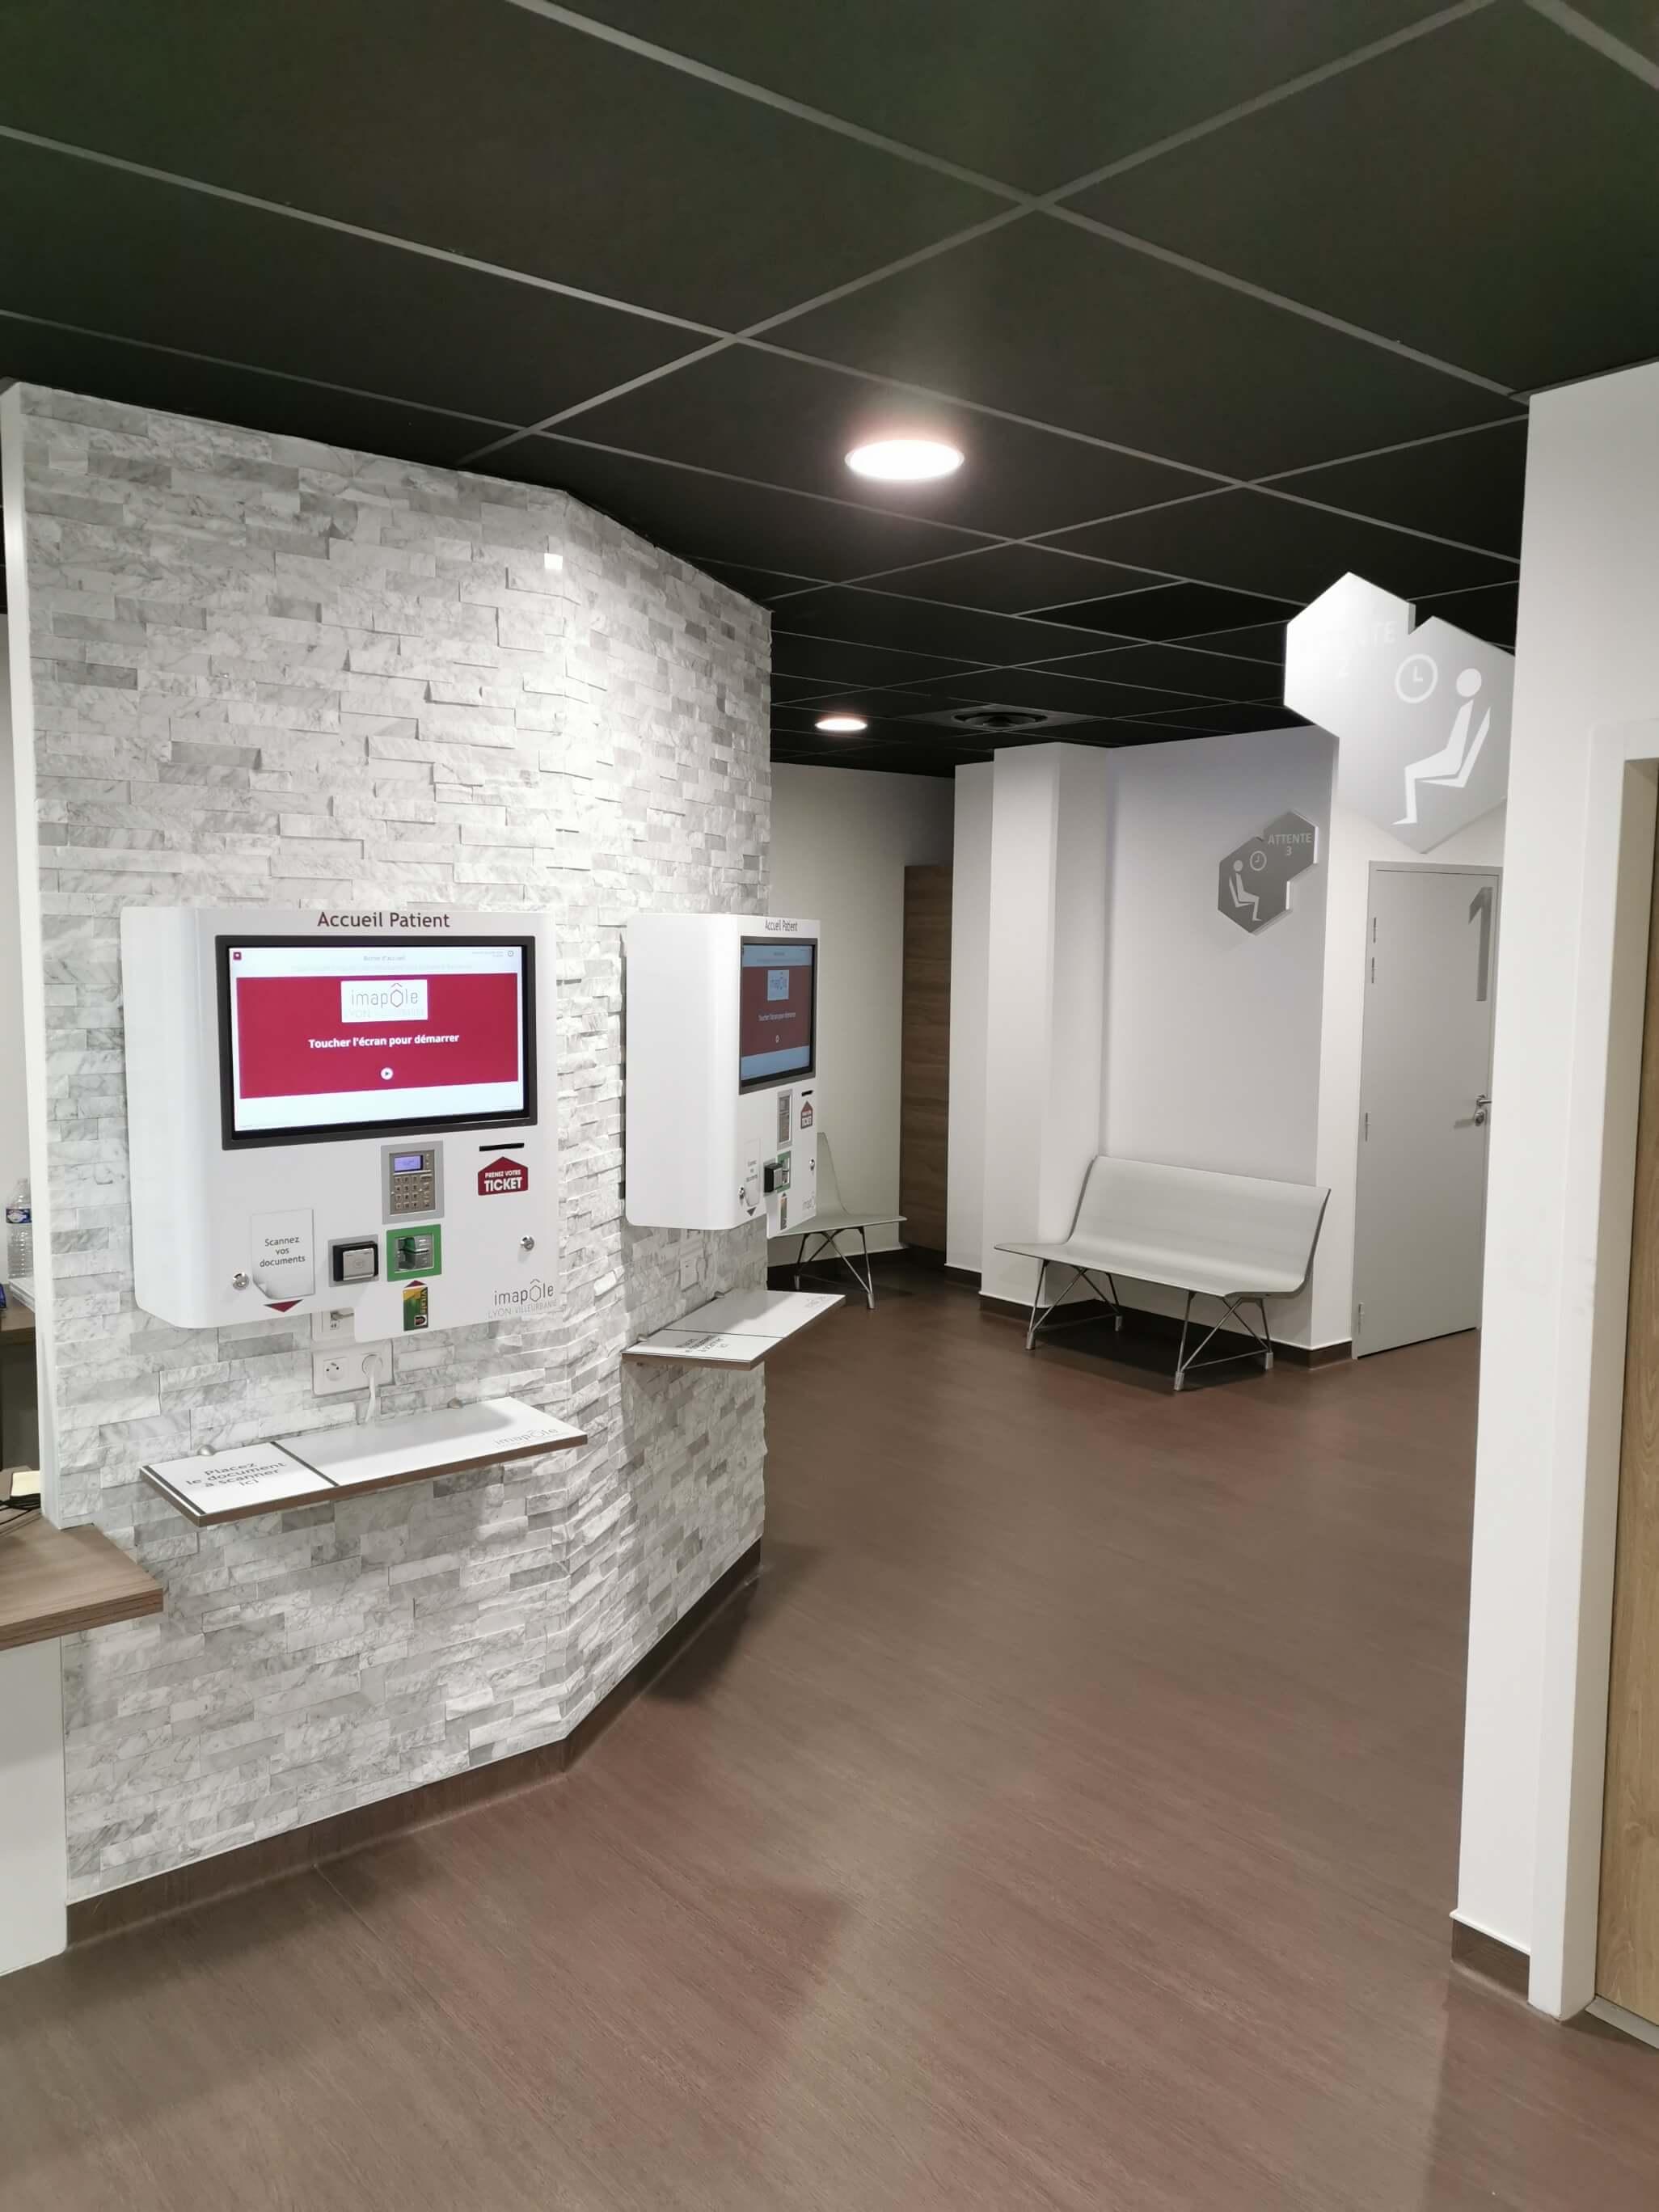 Imapole Lyon Villeurbanne OL City Decines